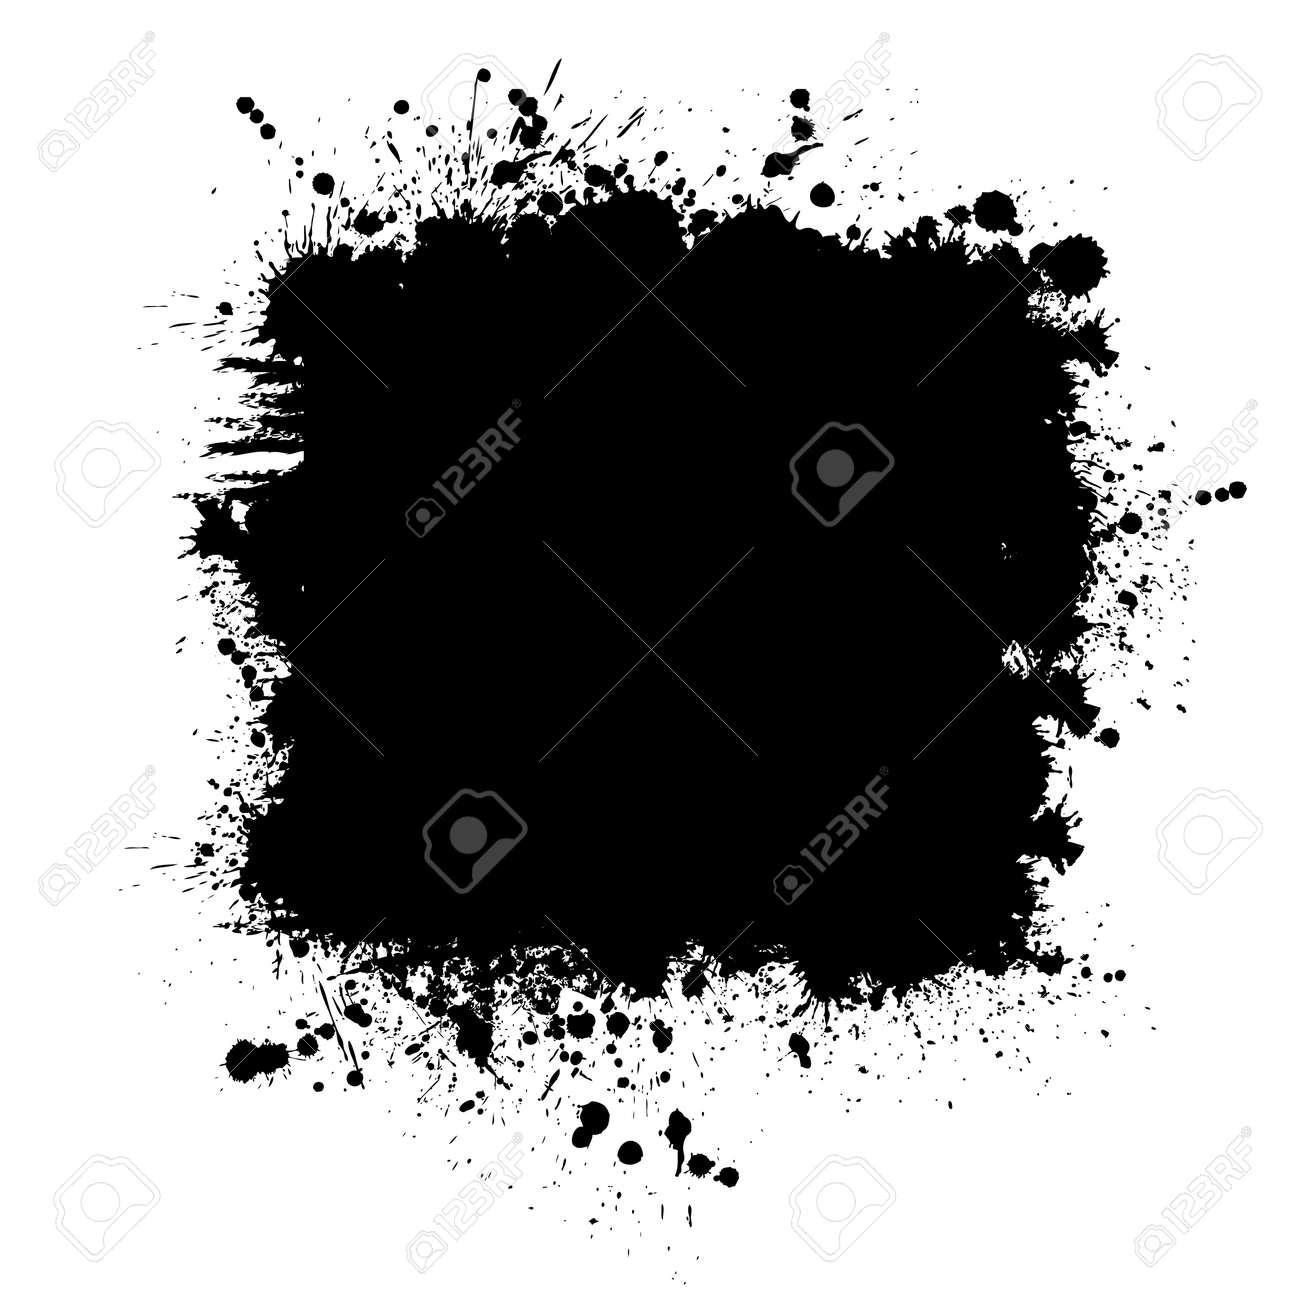 Brush stroke isolated on white background. Black paint brush. Grunge texture stroke line. Art ink dirty design. Border for artistic shape, paintbrush element. Brushstroke graphic Vector illustration - 155397595